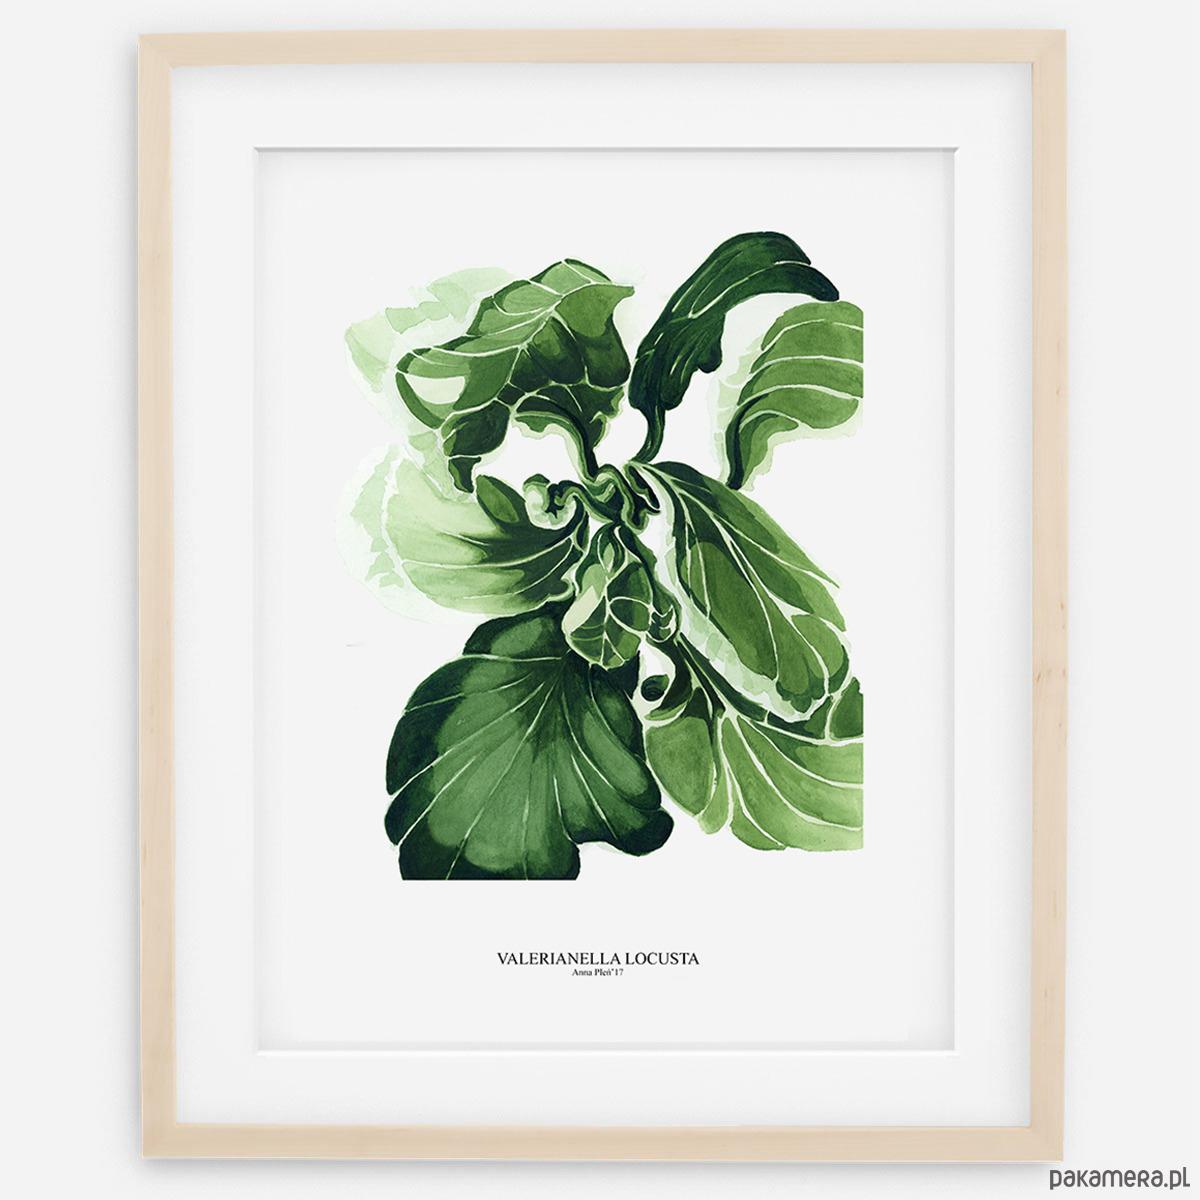 Plakat Botaniczny Sałata Skłębiona Pakamerapl